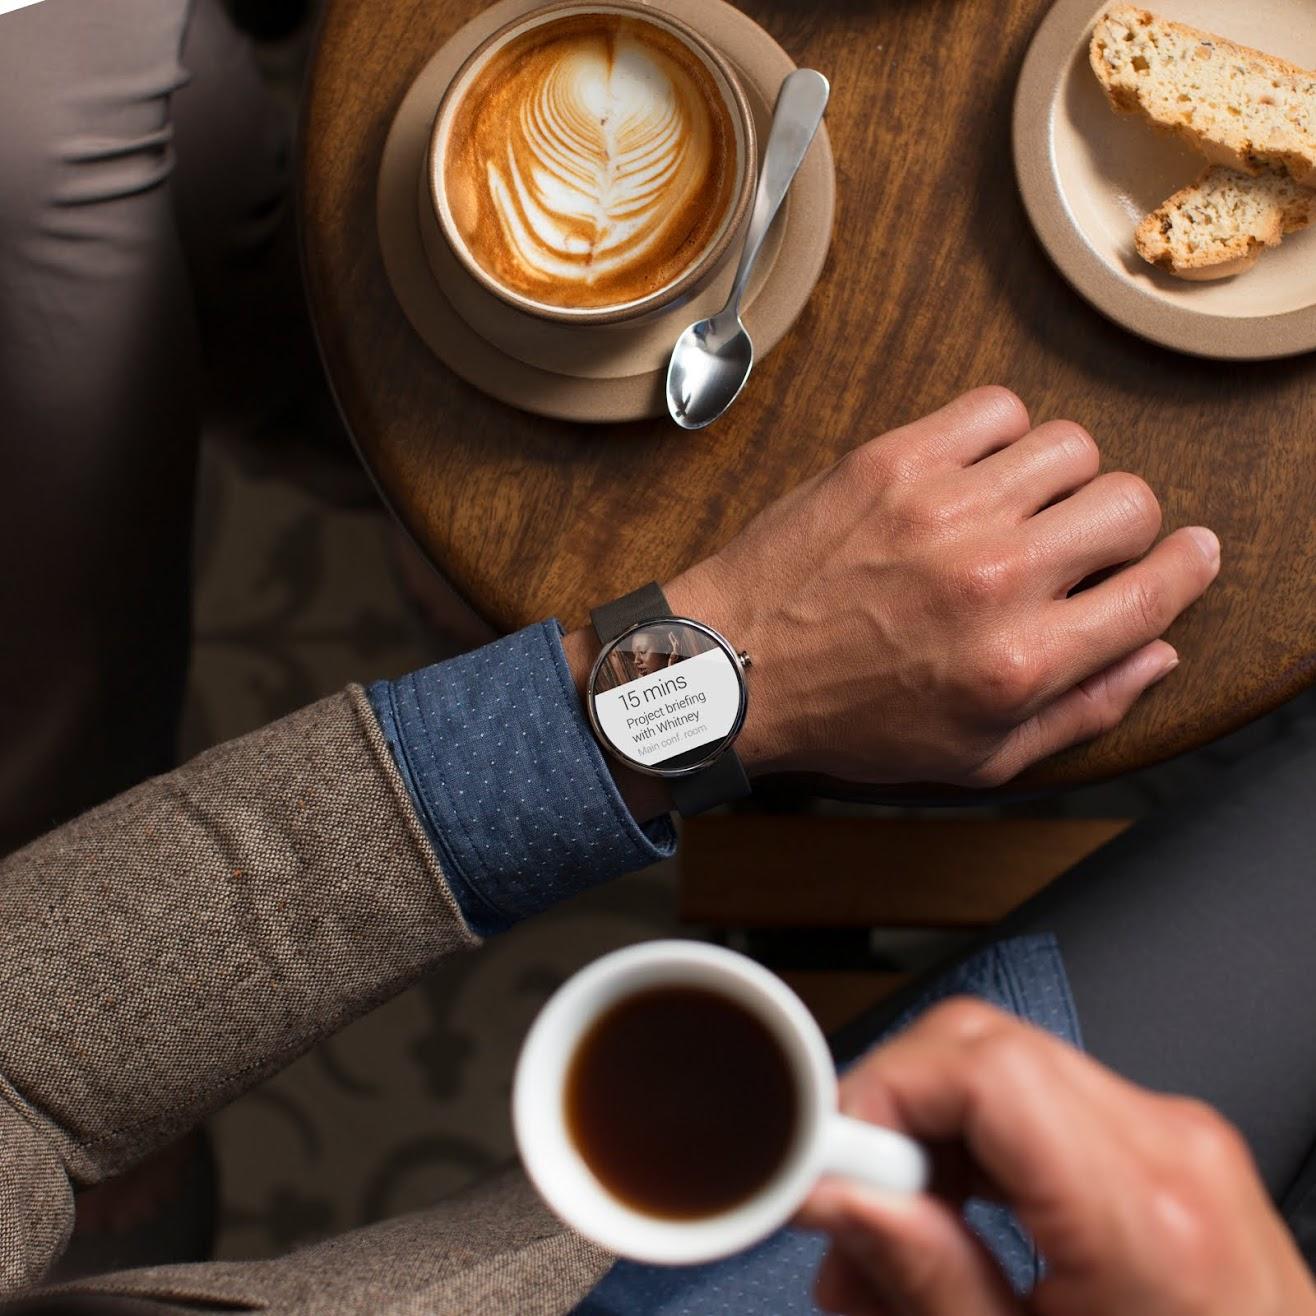 image00112 - Đồng hồ Moto 360 sẽ có giá 249 Euro, ra mắt vào tháng 7